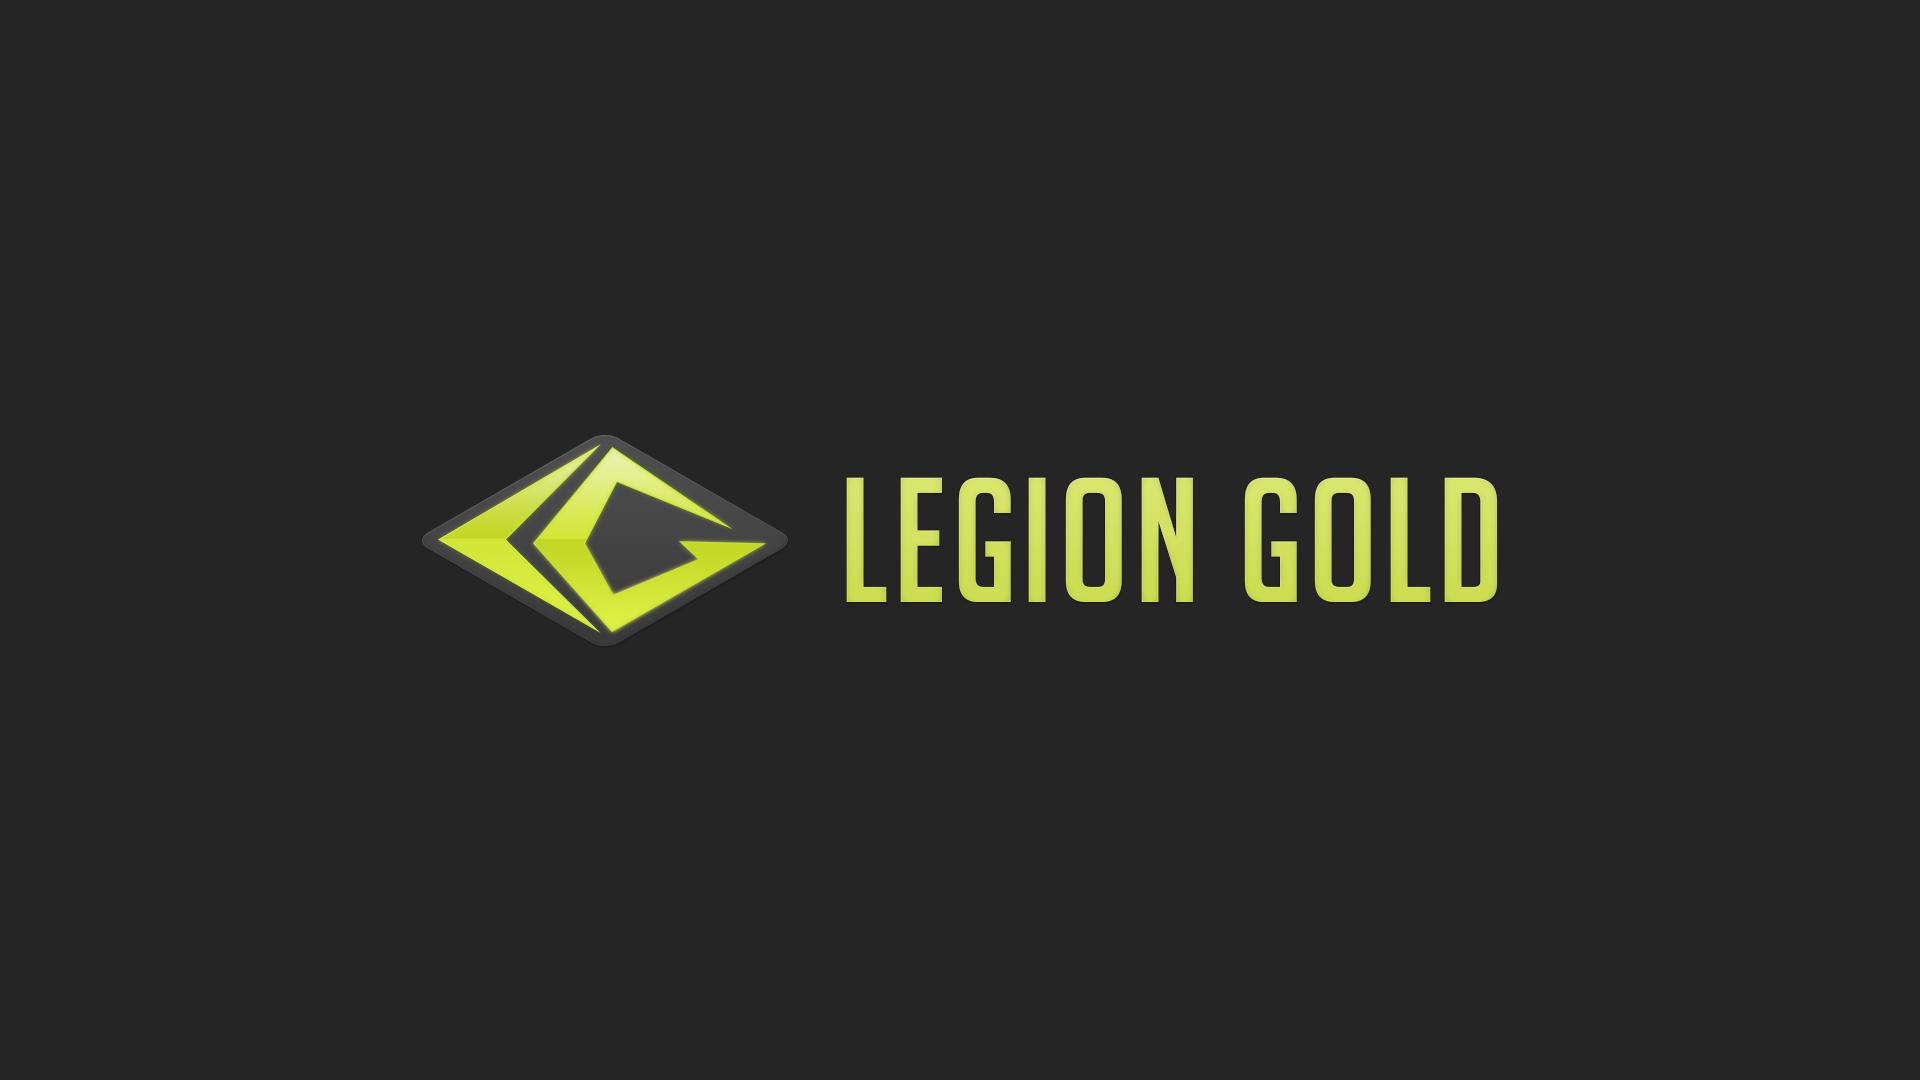 Logo Design for Legion Gold